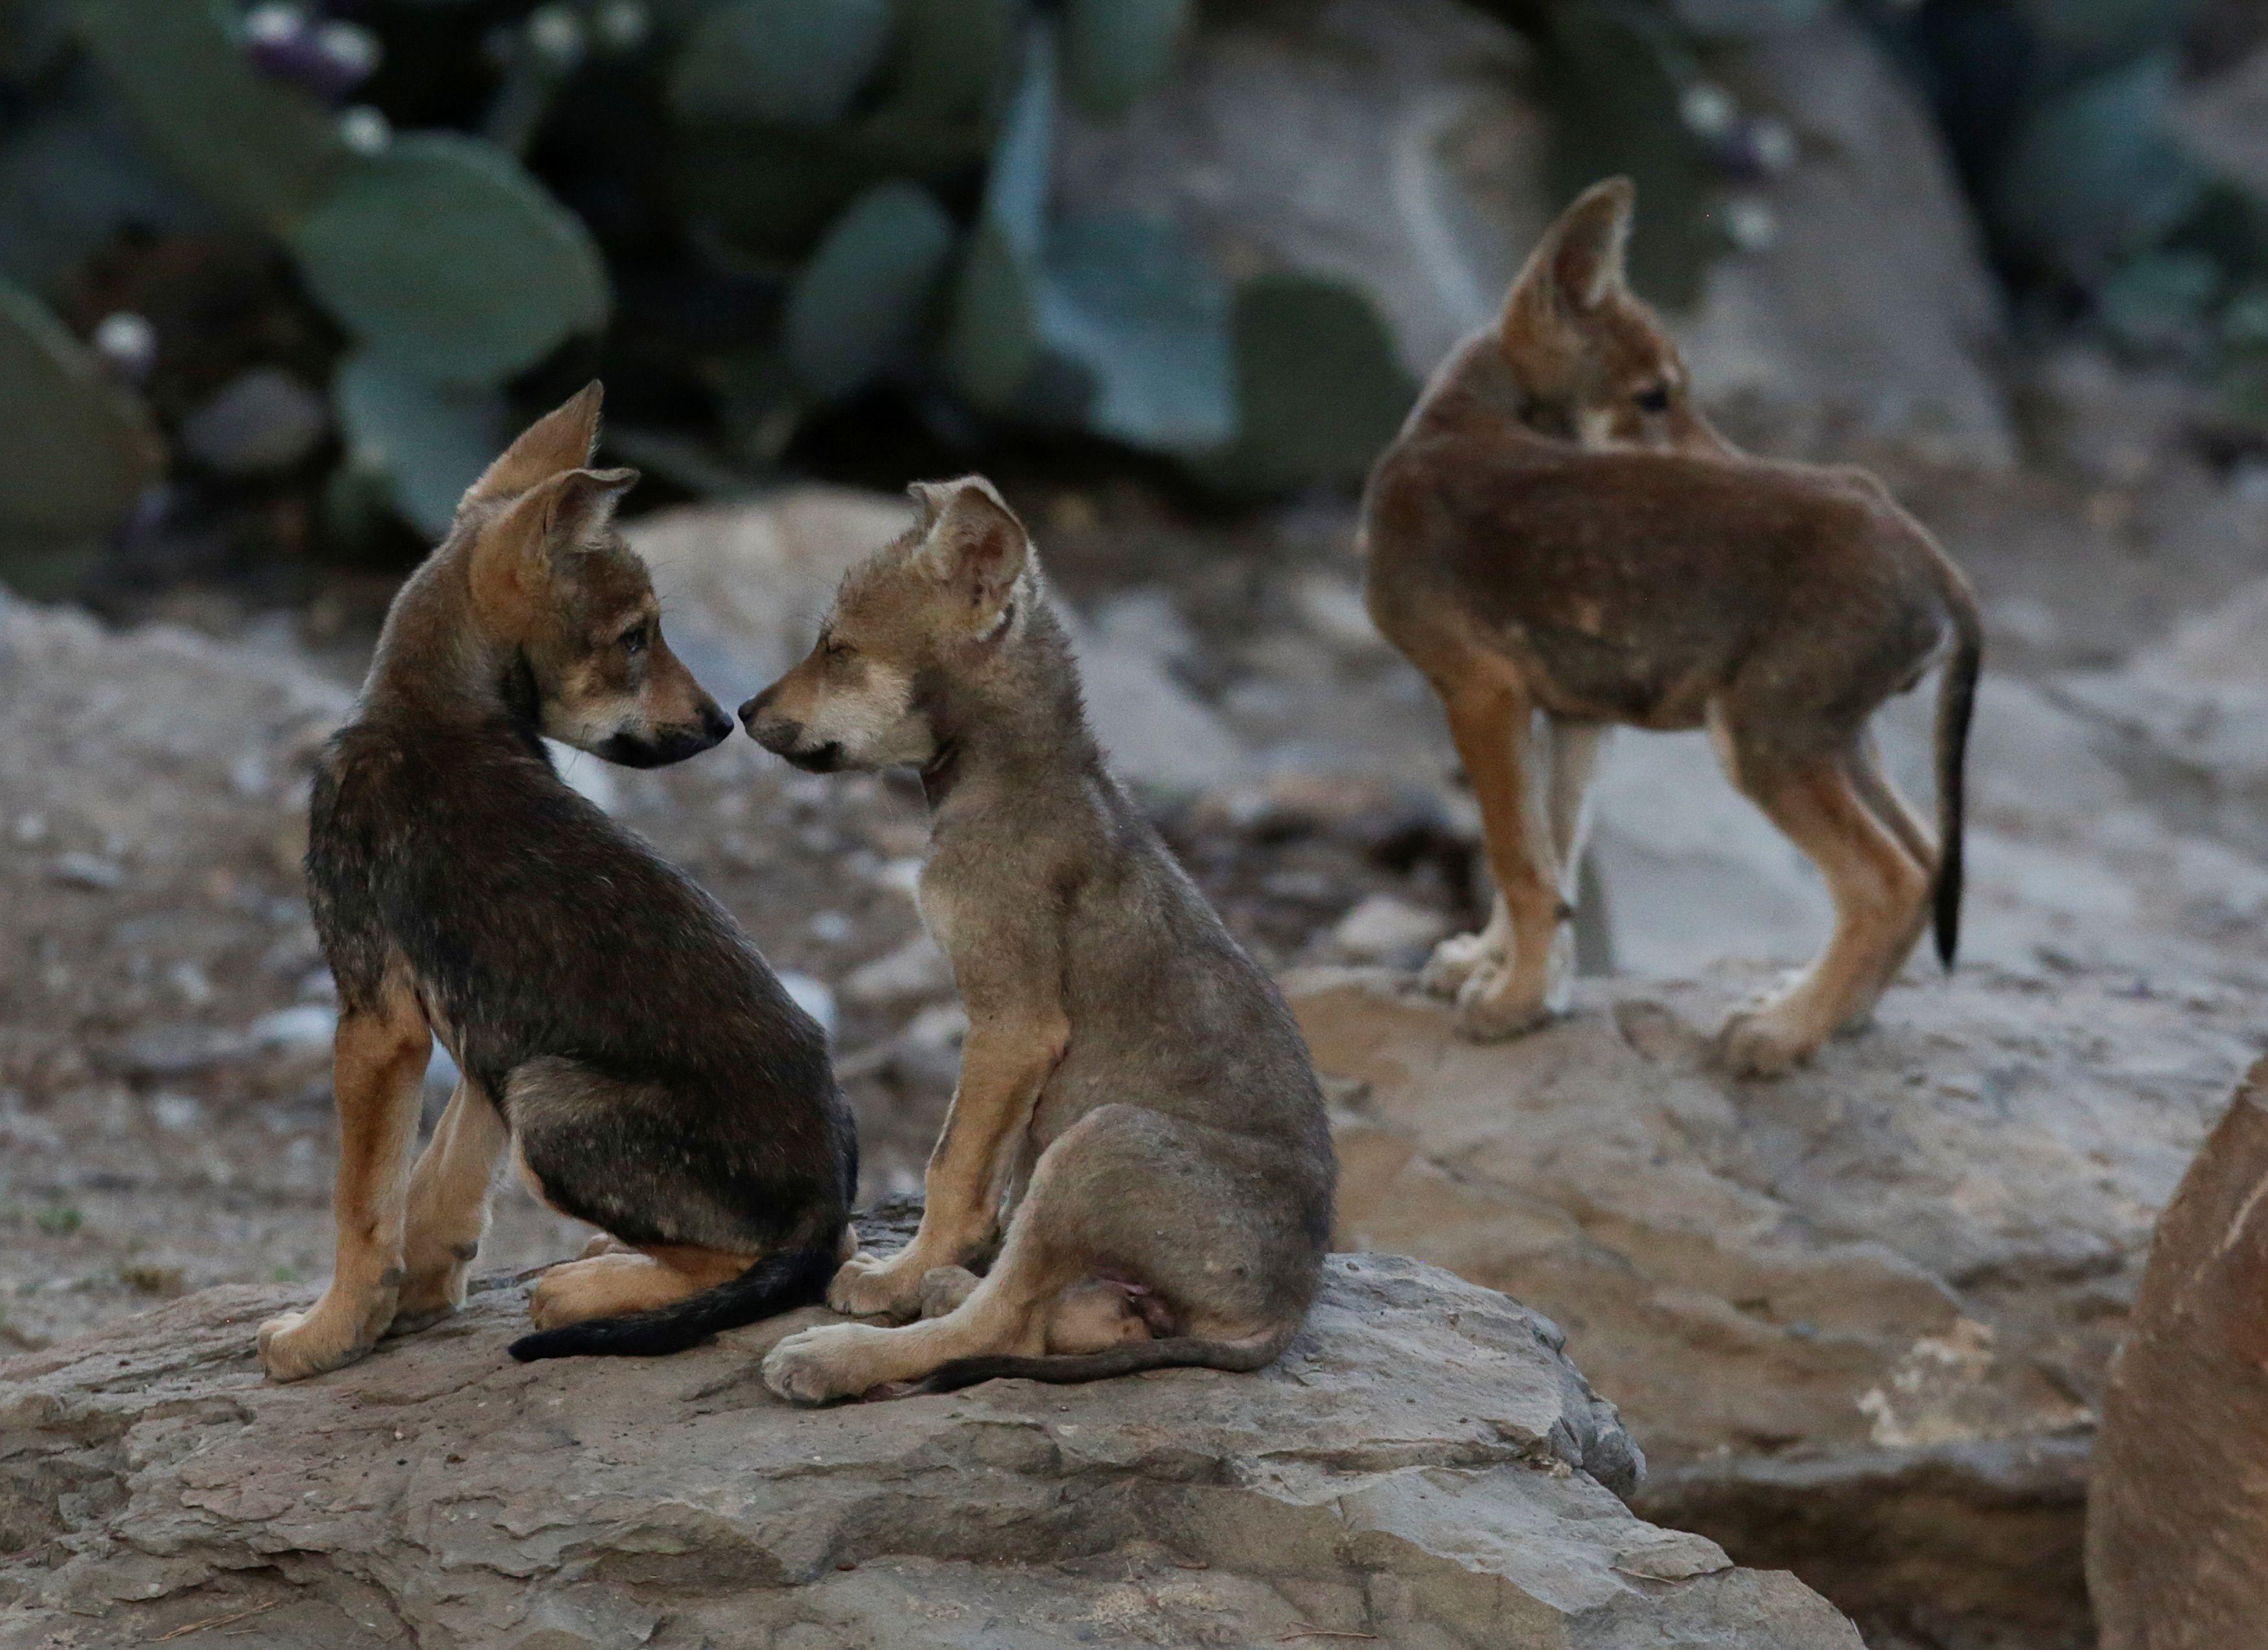 Estudios indican que el lobo gris habitaba históricamente desde el sur de Estados Unidos hasta el centro de México, pero a finales de la década de 1970 la especie estuvo a punto de desaparecer debido a la campaña de erradicación de la que fue objeto. 2 de julio de 2020. (Foto: REUTERS/Daniel Becerril)